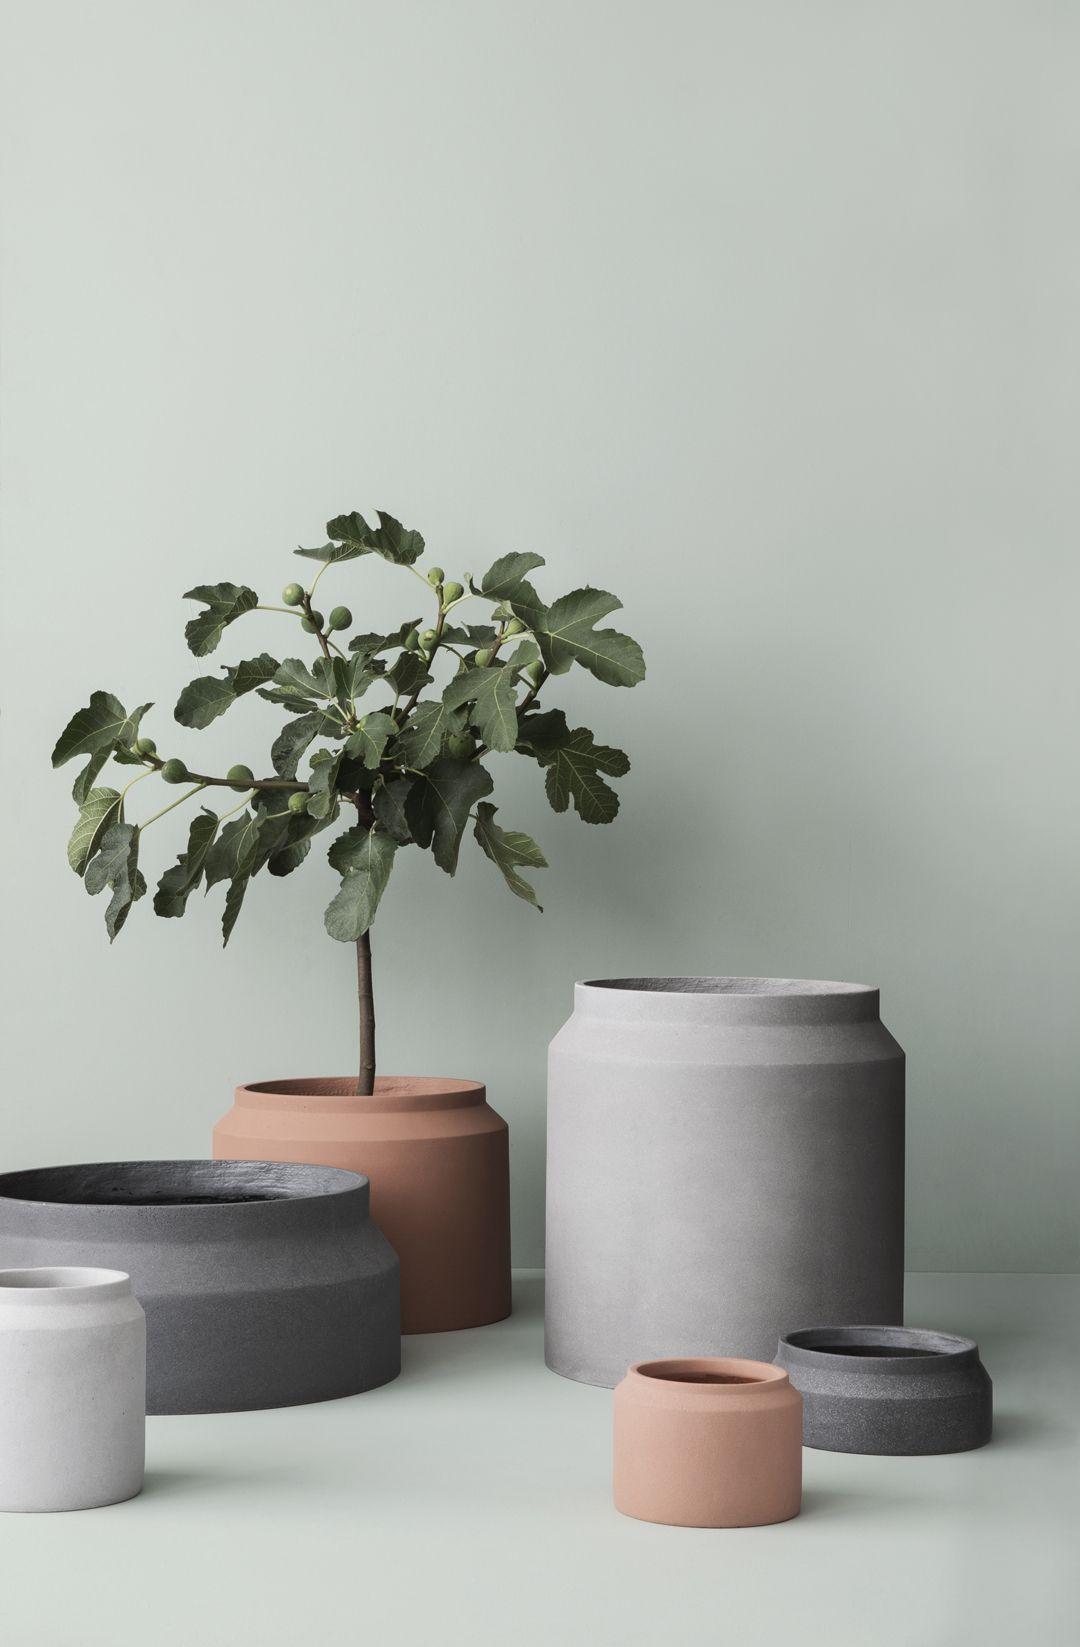 5 Favourite Plant Vessels Concrete Plant Pots Large Outdoor Planters Concrete Planters